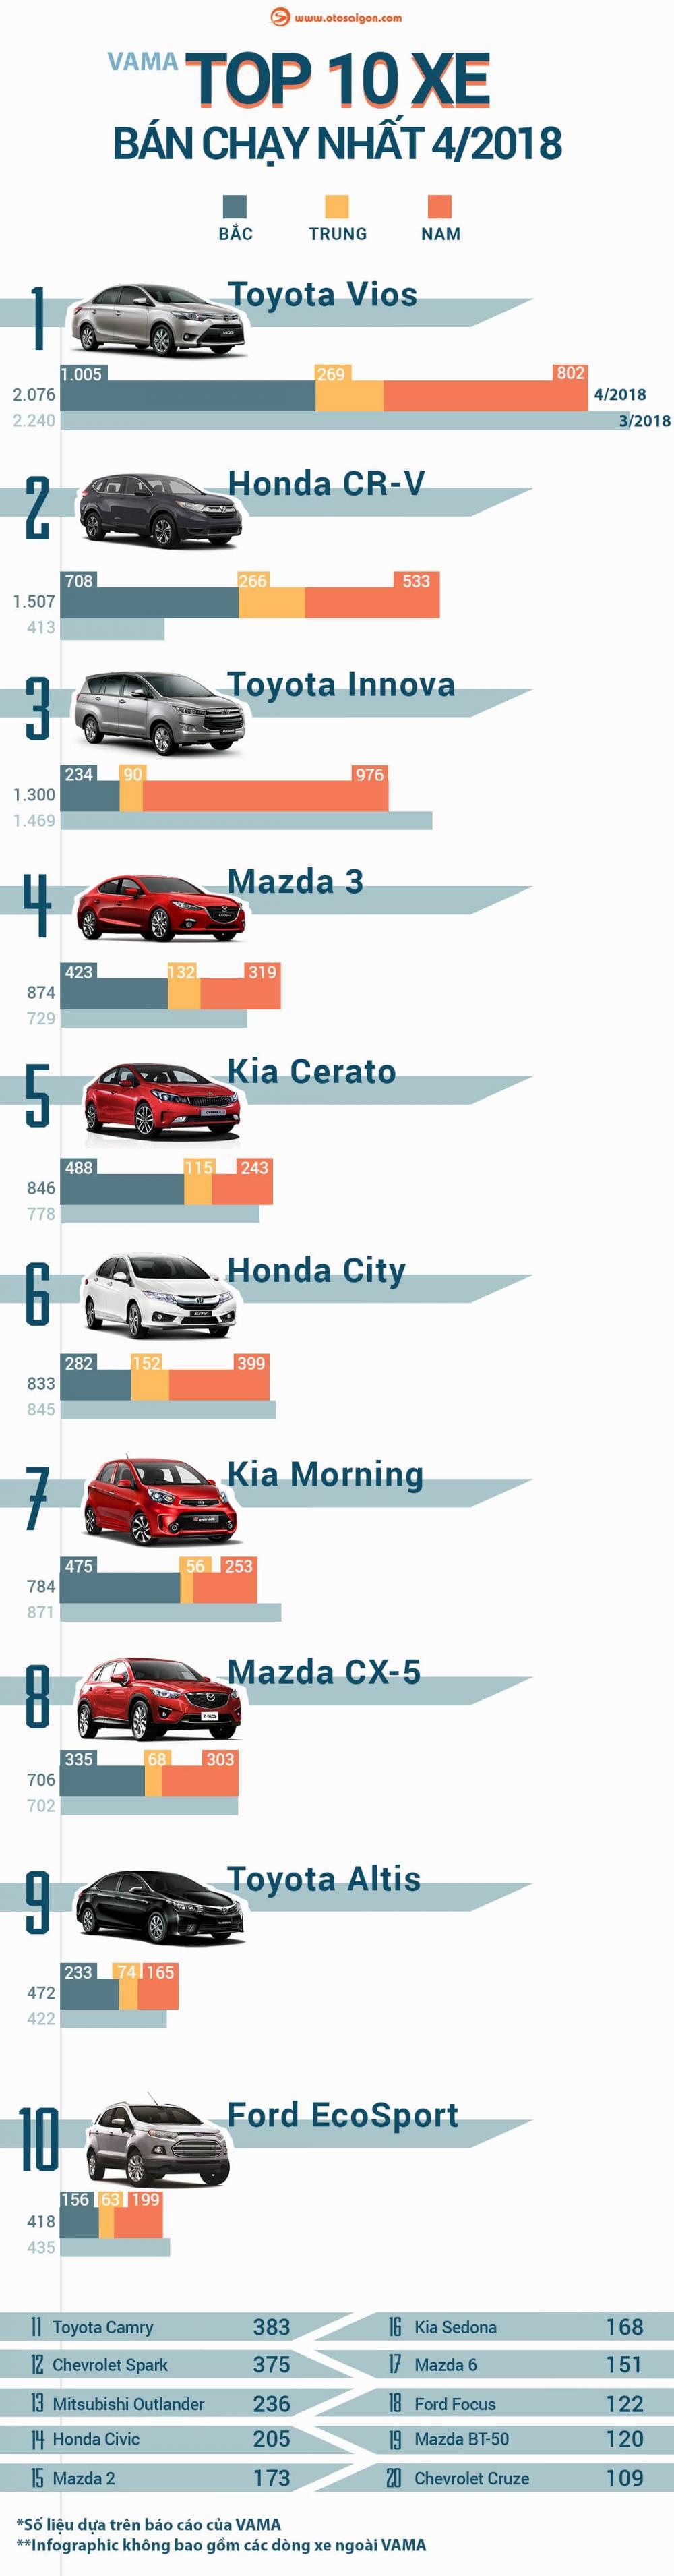 Top 10 xe hơi bán chạy nhất tháng 4 năm 2018